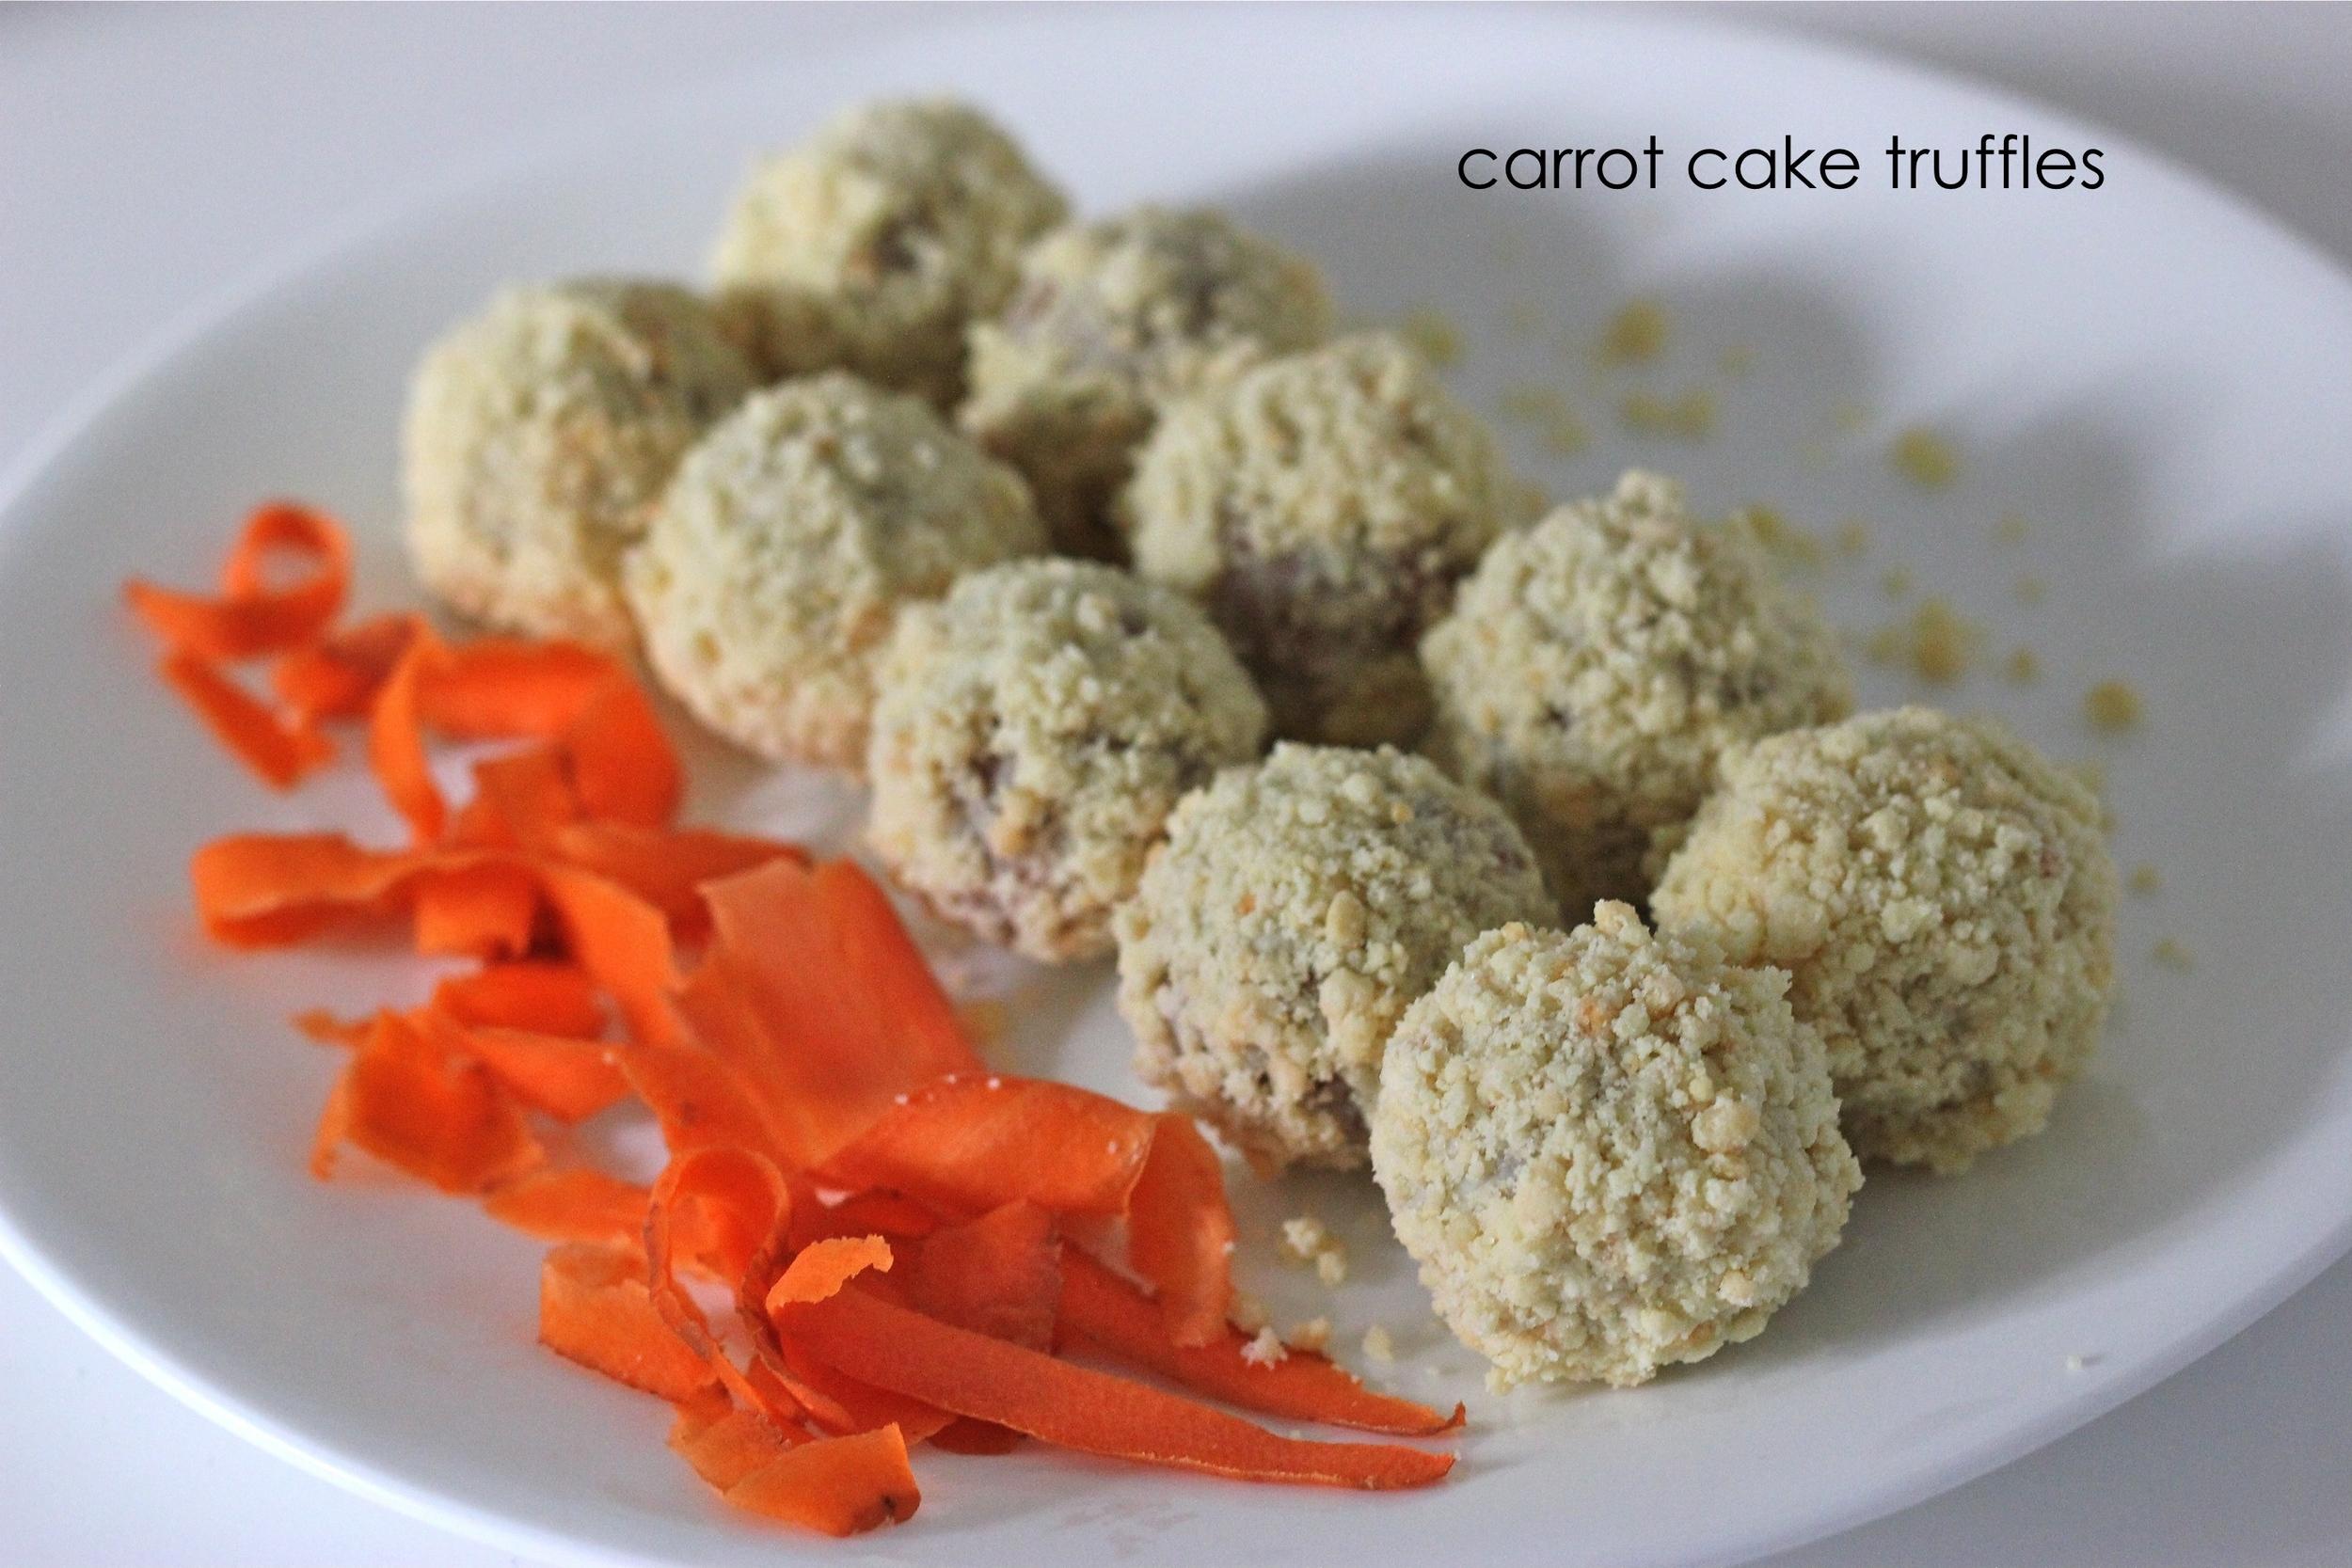 carrotcaketruffles1